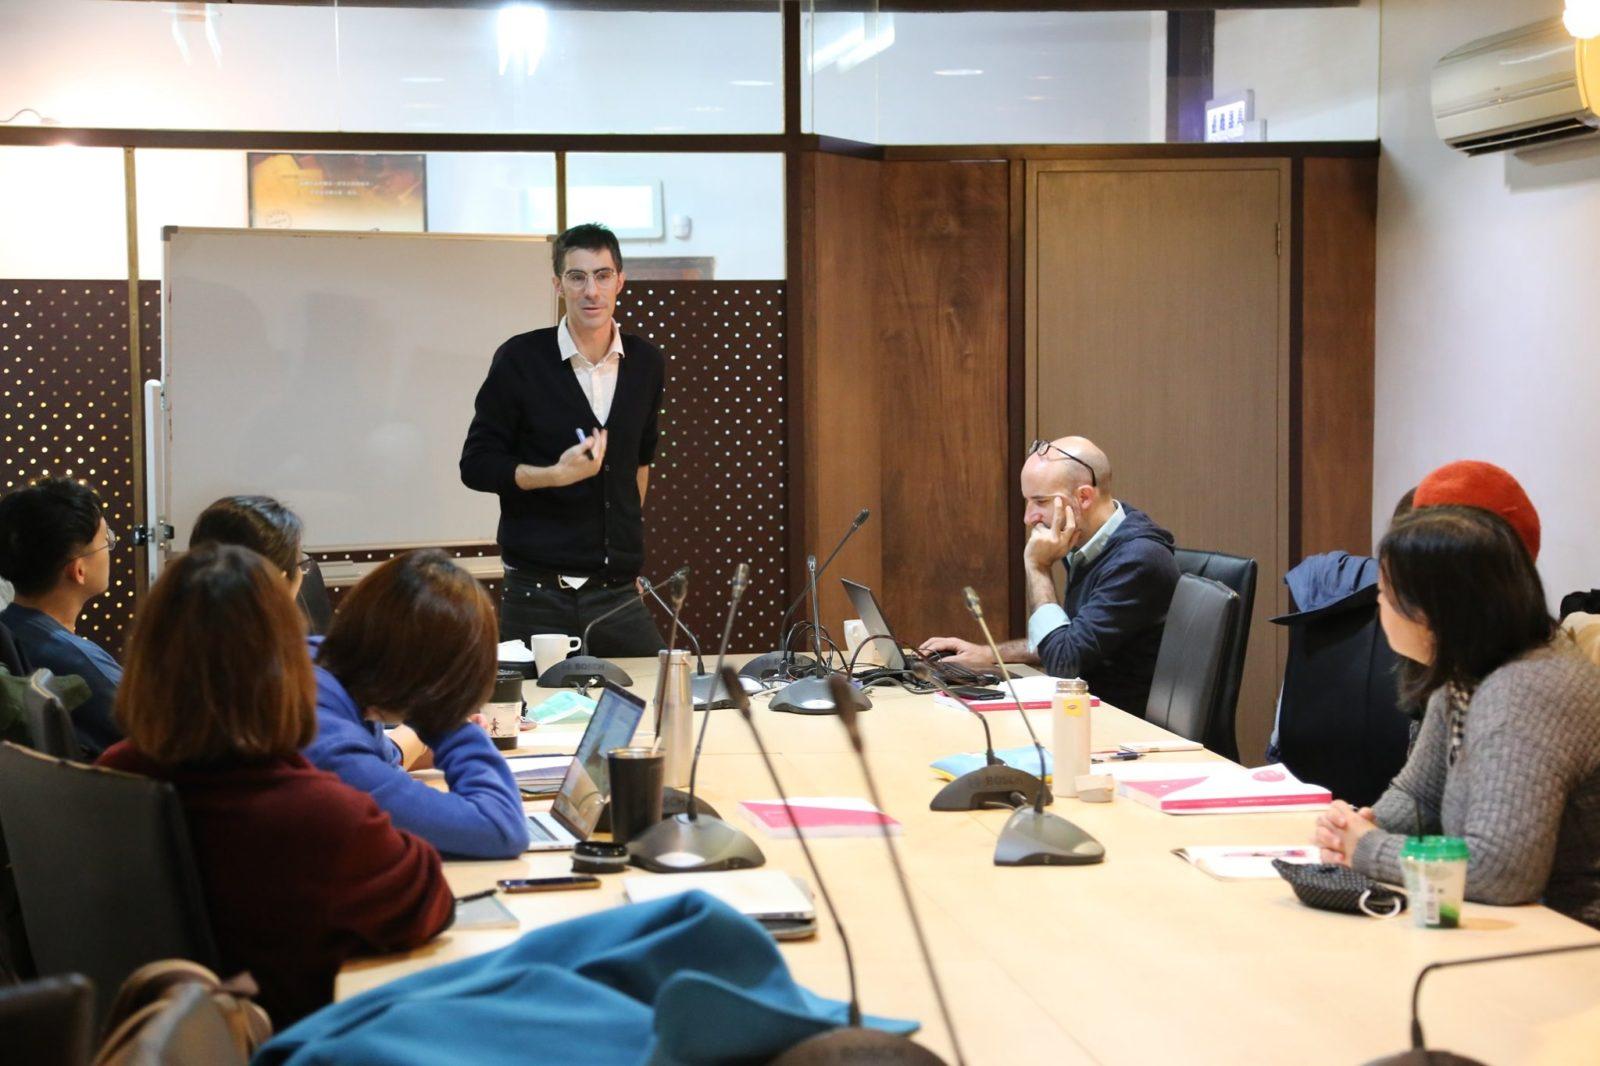 Scriptwriting course by Jérémie Dubois - March 2020